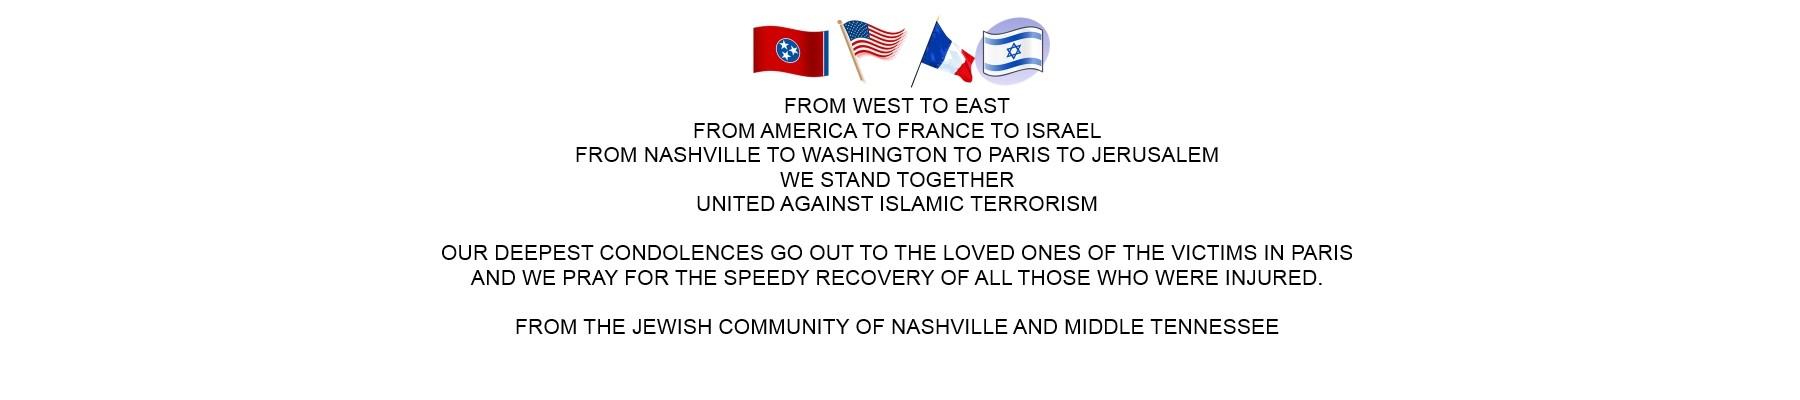 paris solidarity hero .jpg